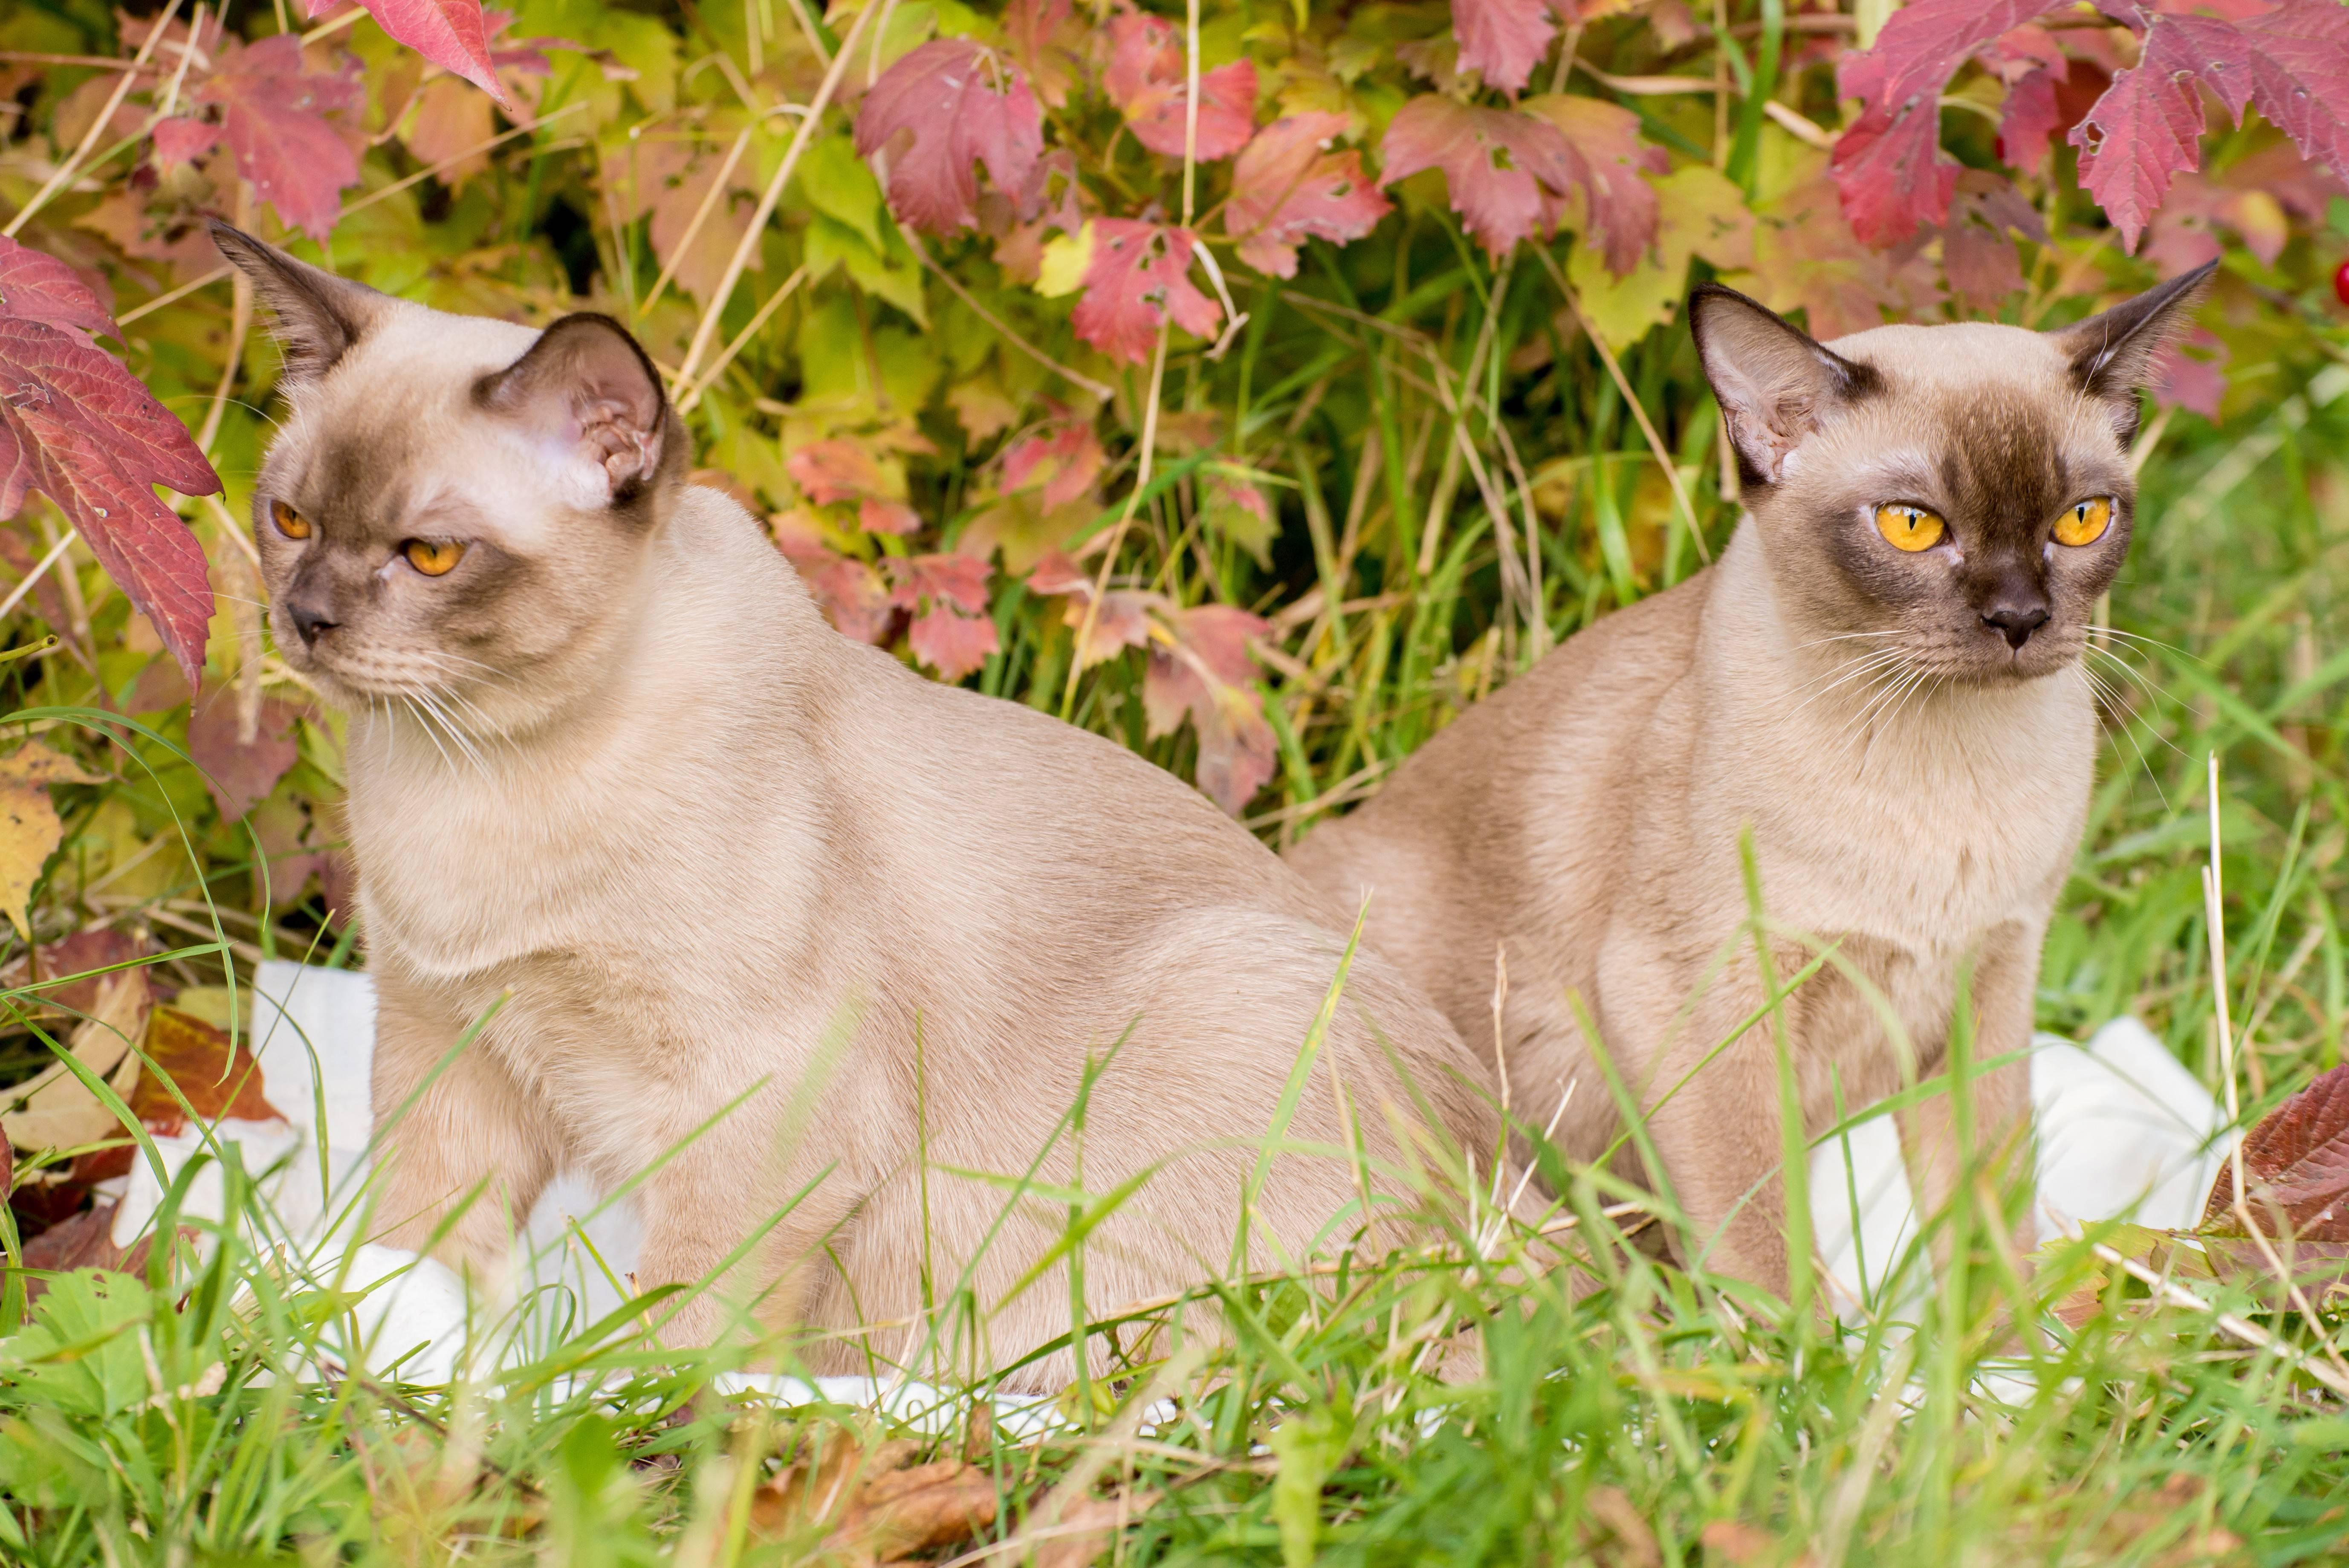 Описание породы бурманская кошка – есть ли вообще у этой красавицы отрицательные черты?